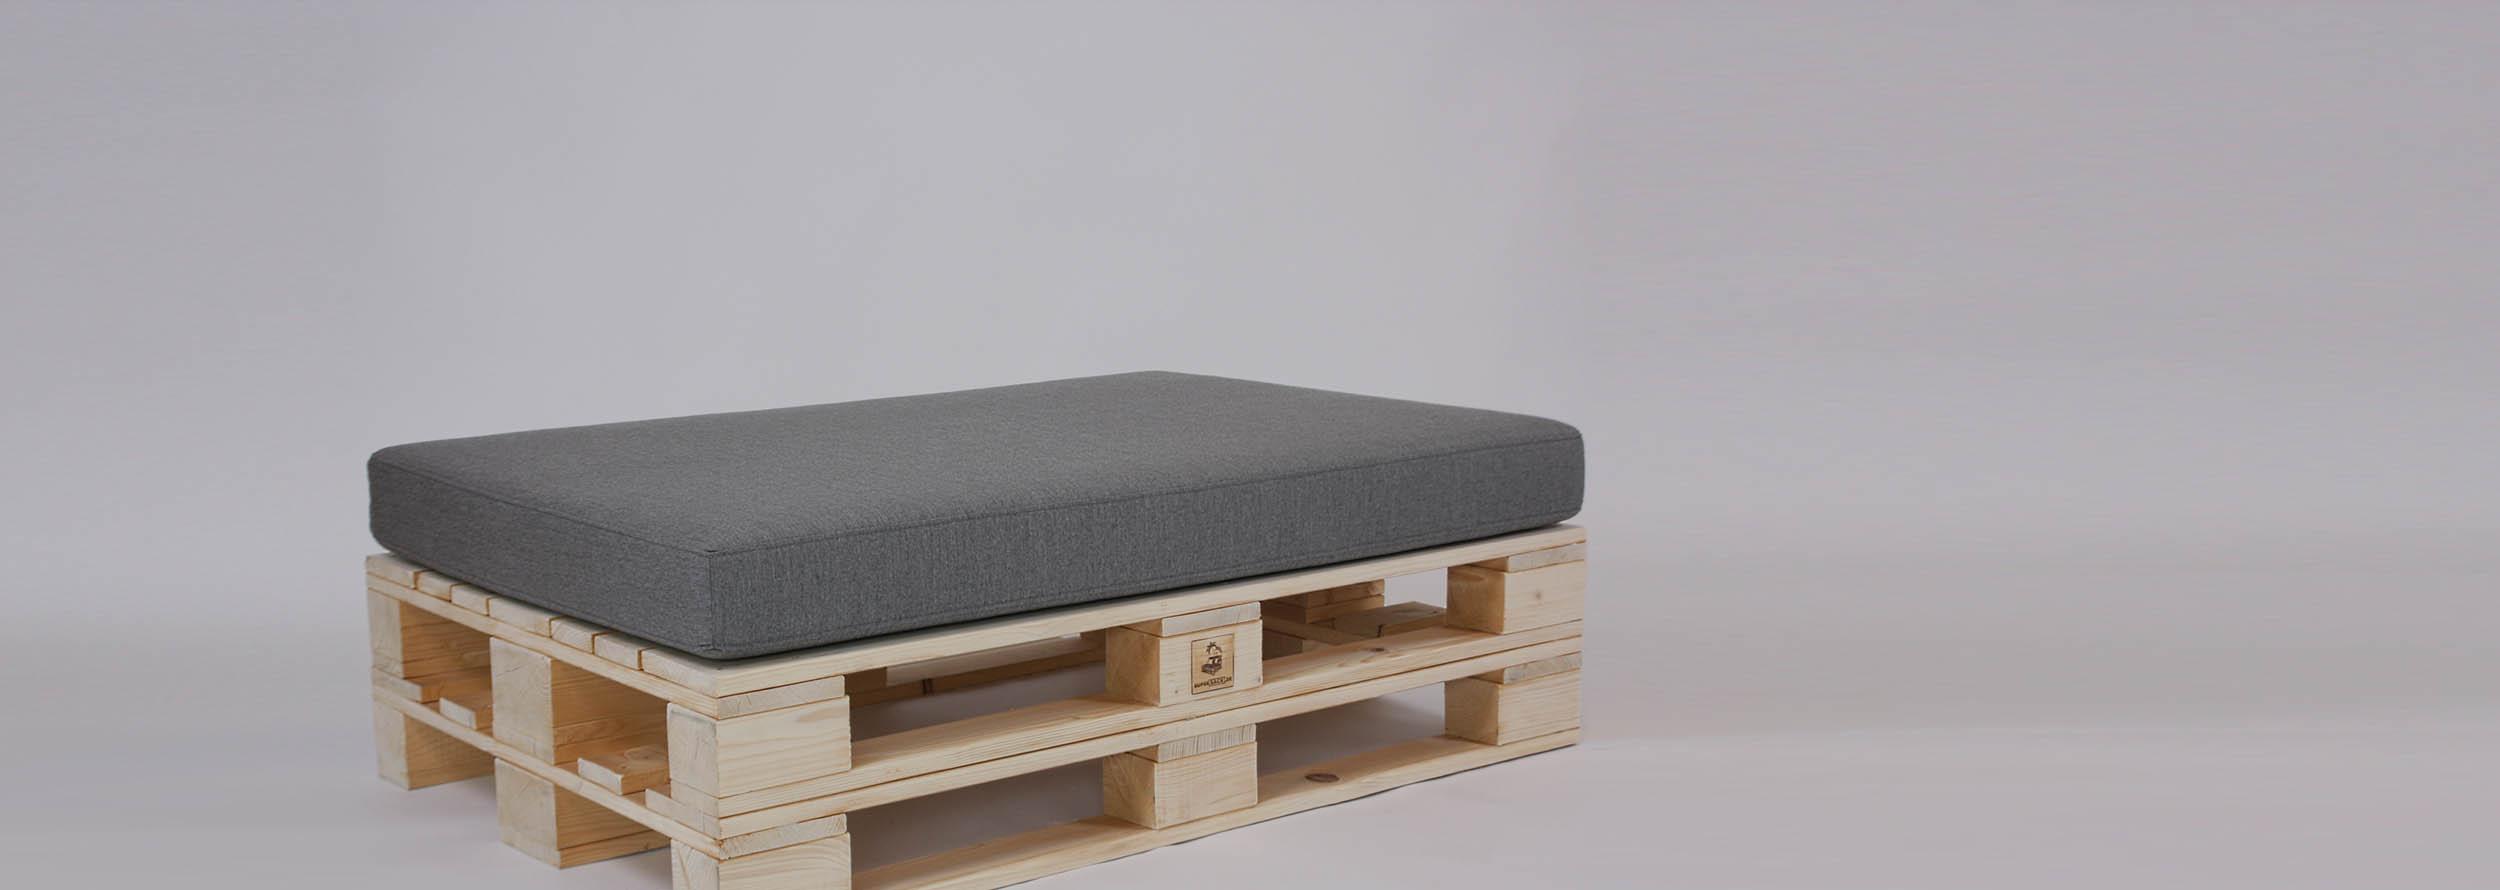 Palettenmöbel-kaufen-Palettensofas-Loungemöbel-Classic-Sitzinsel-von-SUPERSACK